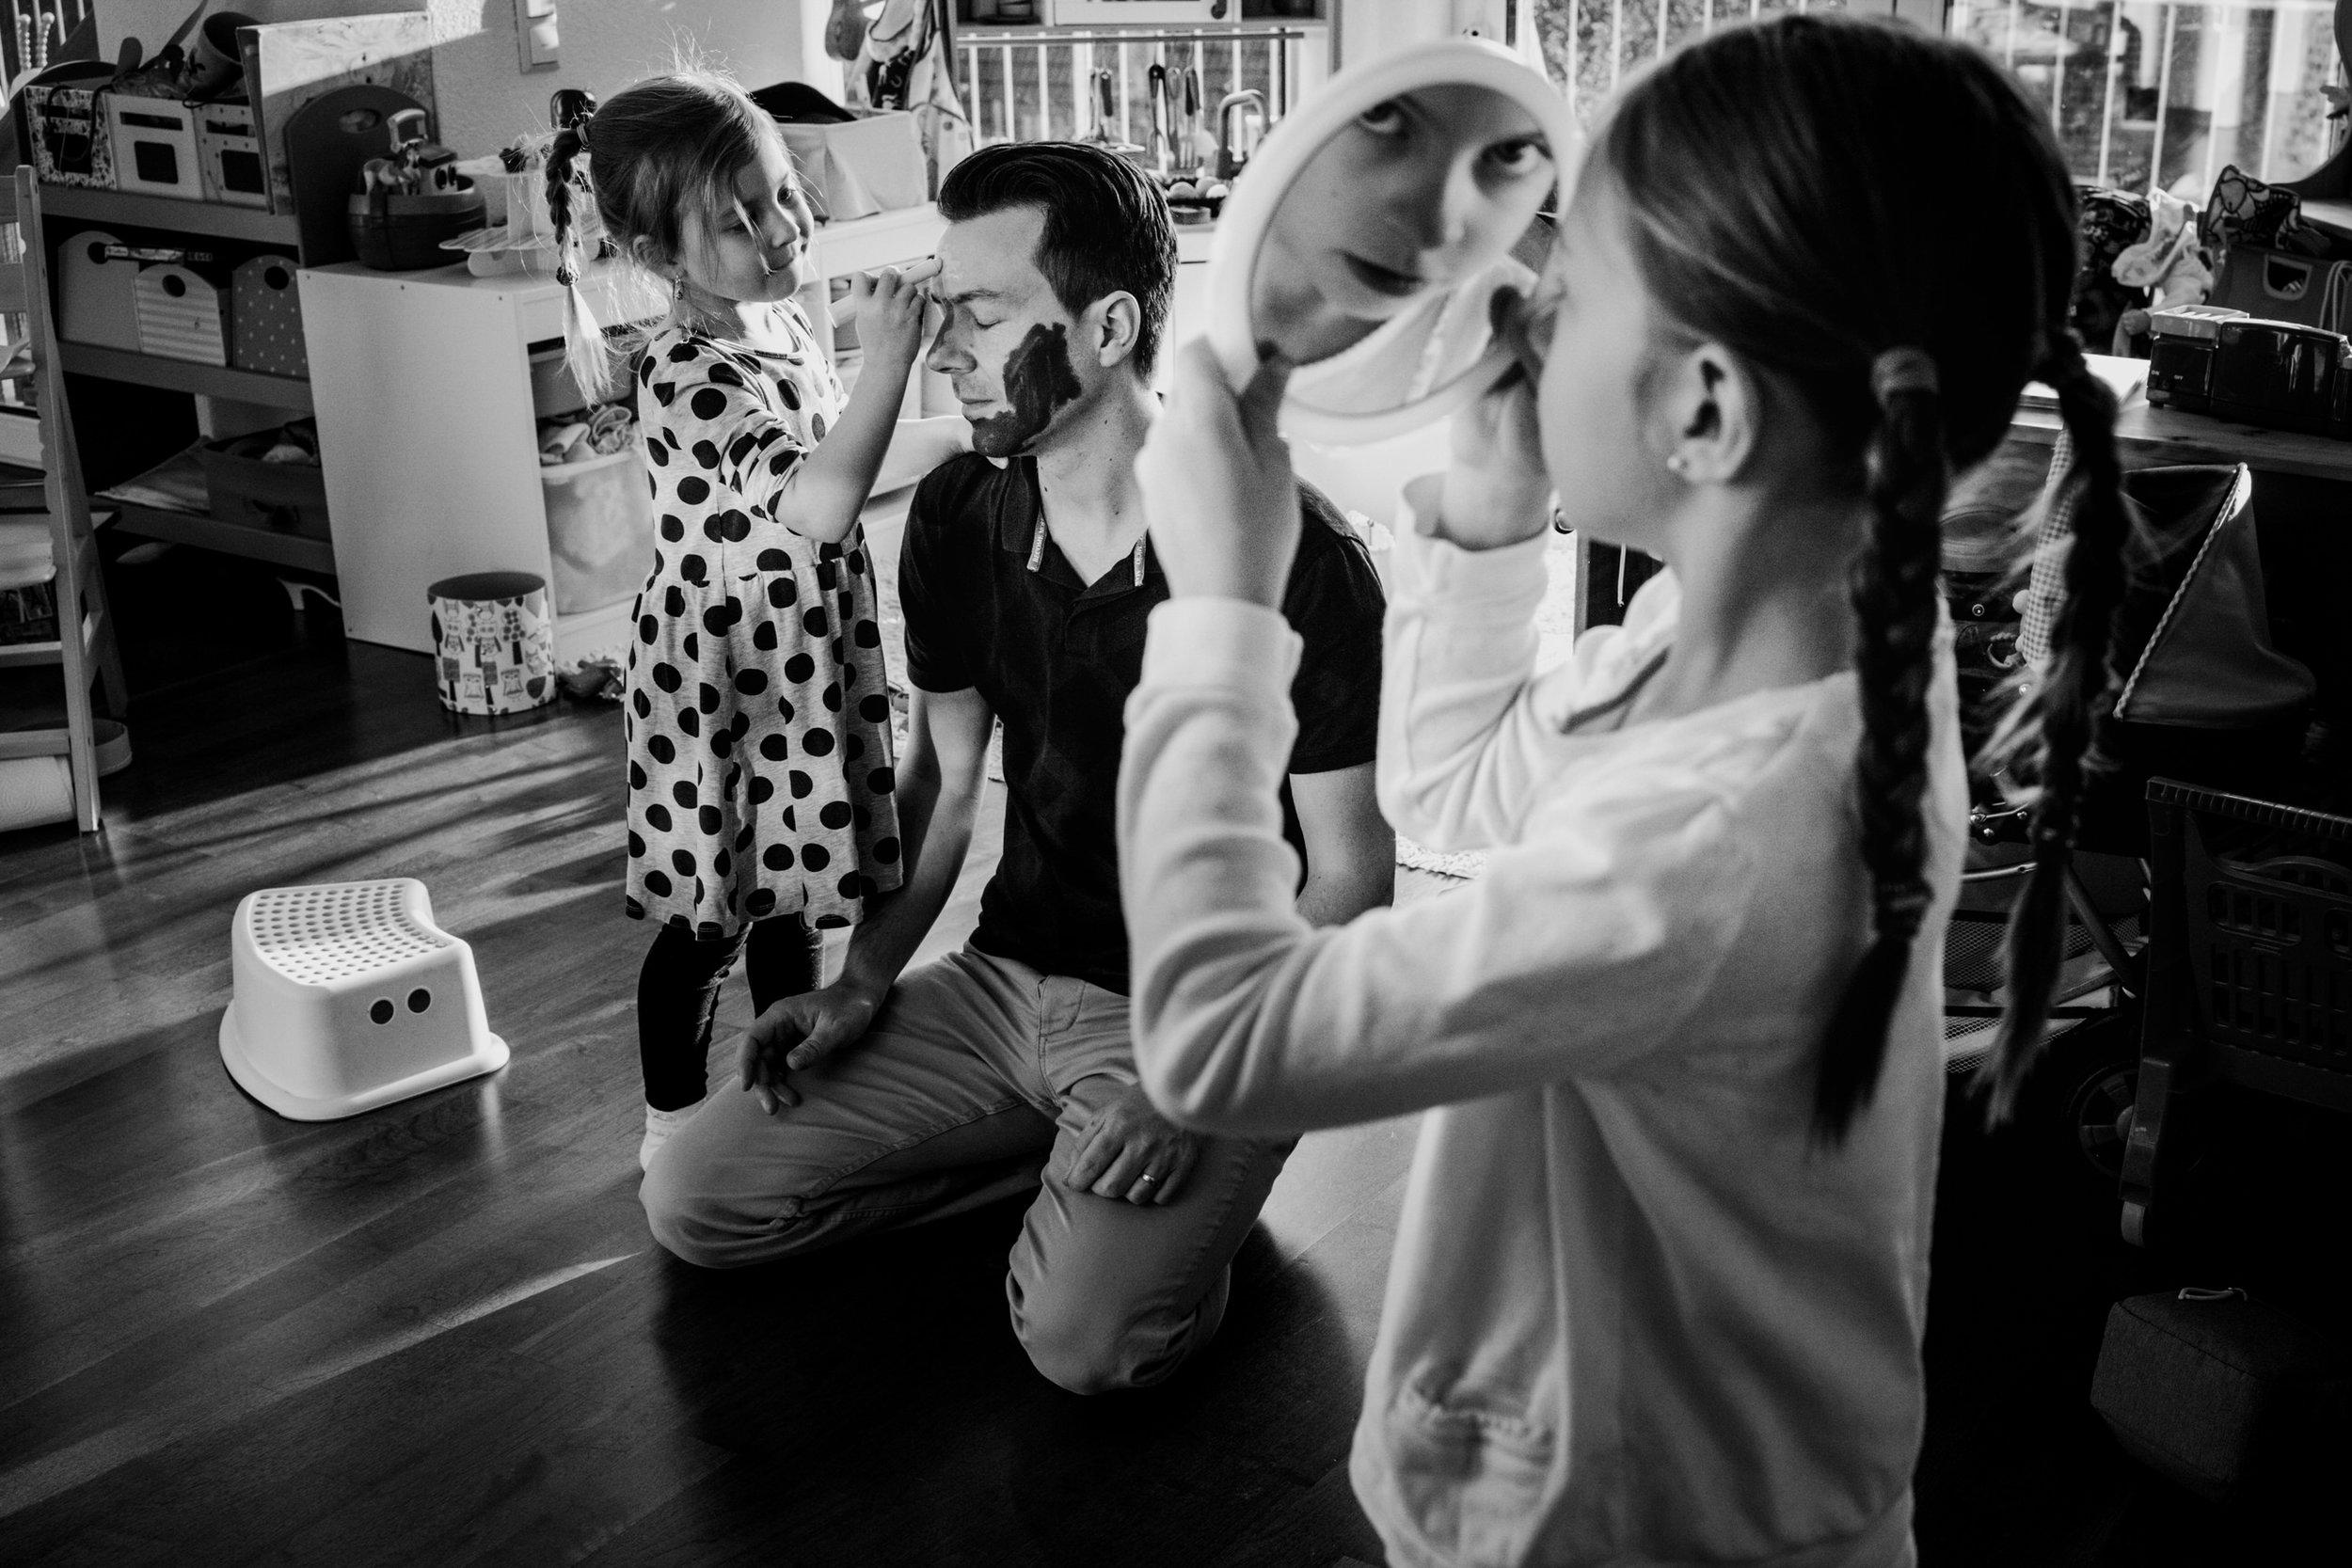 Eines meiner besten Familienfotos aus einer Familienreportage, Tochter schminkt Papa im Gesicht, andere Tochter betrachtet sich im Spiegel